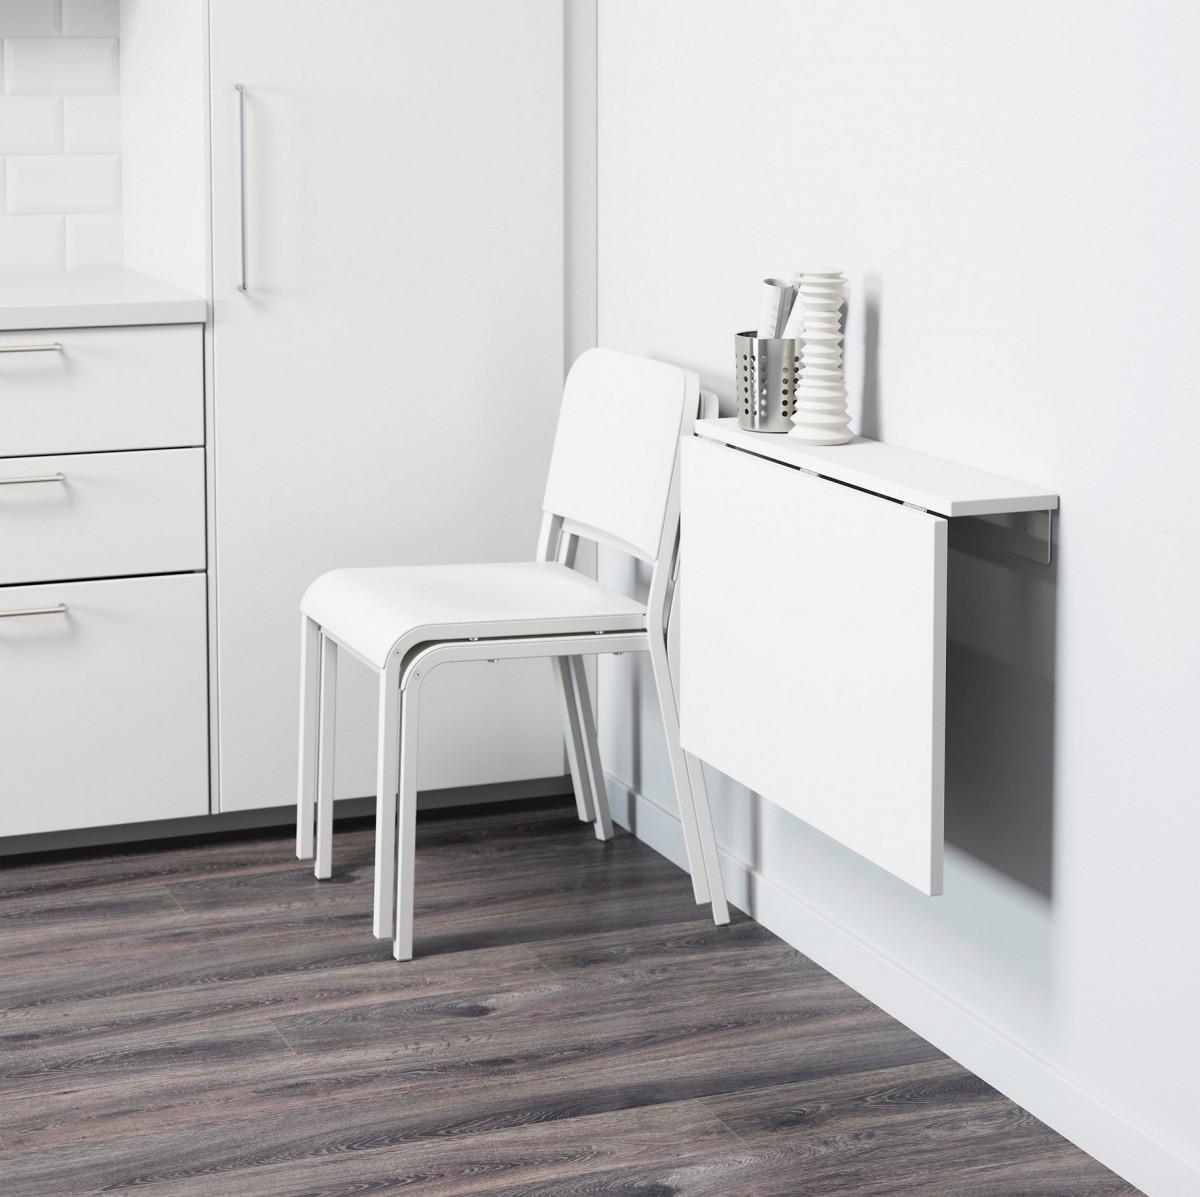 Klapptisch Ikea Wandmodelle Klappmöglichkeiten Für Die Wand